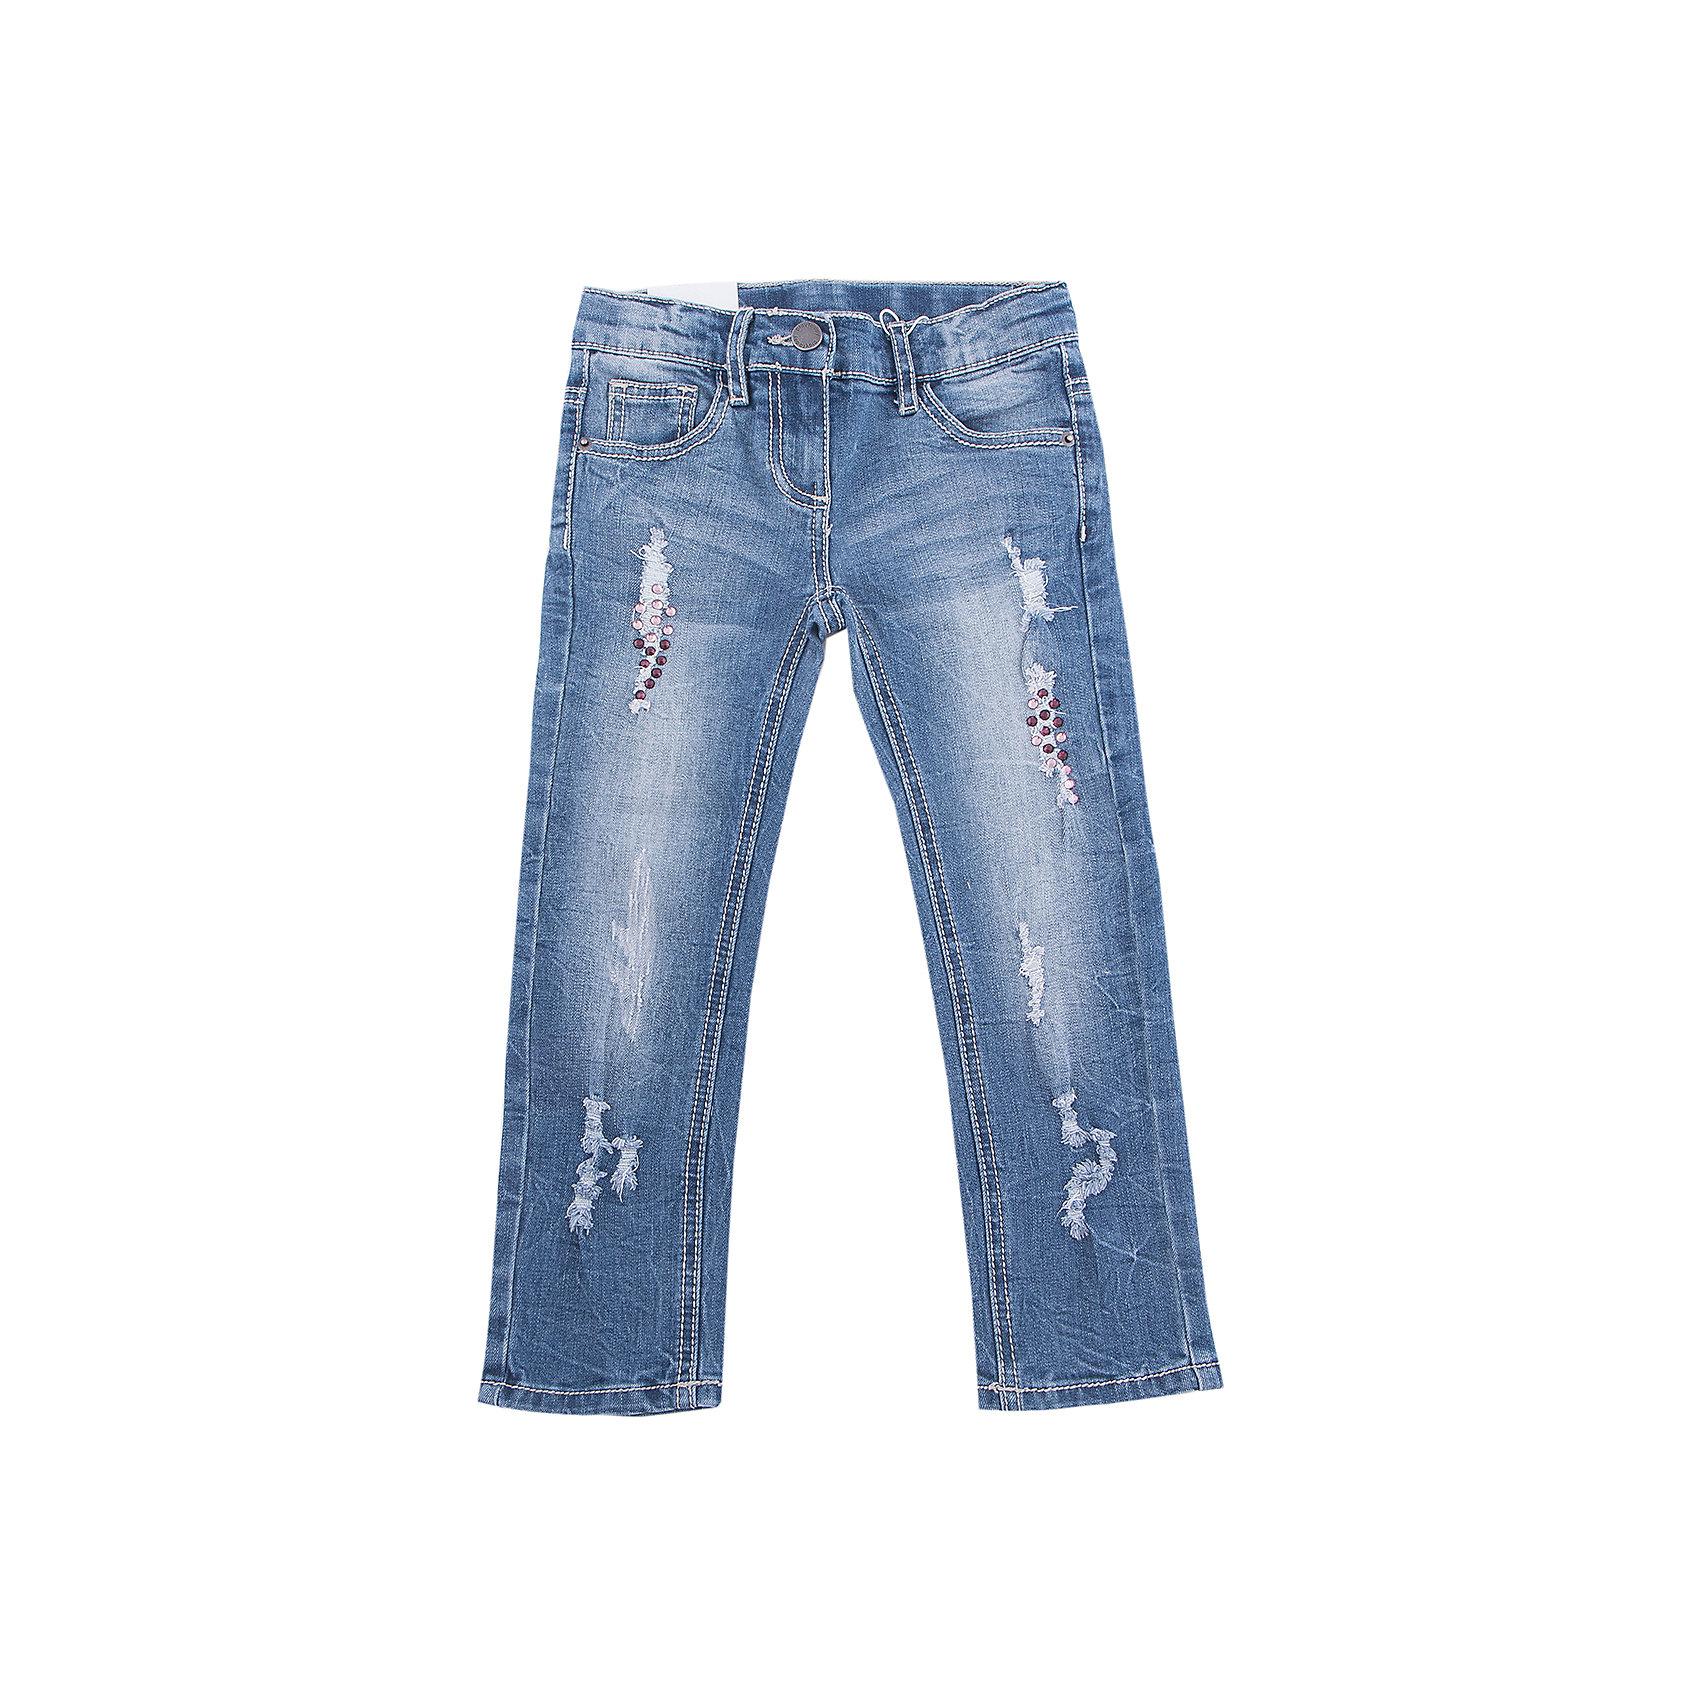 Джинсы PlayToday для девочкиДжинсы<br>Джинсы PlayToday для девочки<br>Брюки из джинсовой ткани с потертостями - отличное решение для повседневного гардероба. Модель декорирована стразами . Пояс на регулируемой изнутри резинке. Классическая 5-ти карманная модель со шлевками. При необходимости может быть дополнена ремнем.<br>Состав:<br>70% хлопок, 20% полиэстер, 8% вискоза, 2% эластан<br><br>Ширина мм: 215<br>Глубина мм: 88<br>Высота мм: 191<br>Вес г: 336<br>Цвет: голубой<br>Возраст от месяцев: 84<br>Возраст до месяцев: 96<br>Пол: Женский<br>Возраст: Детский<br>Размер: 128,98,104,110,116,122<br>SKU: 7115393